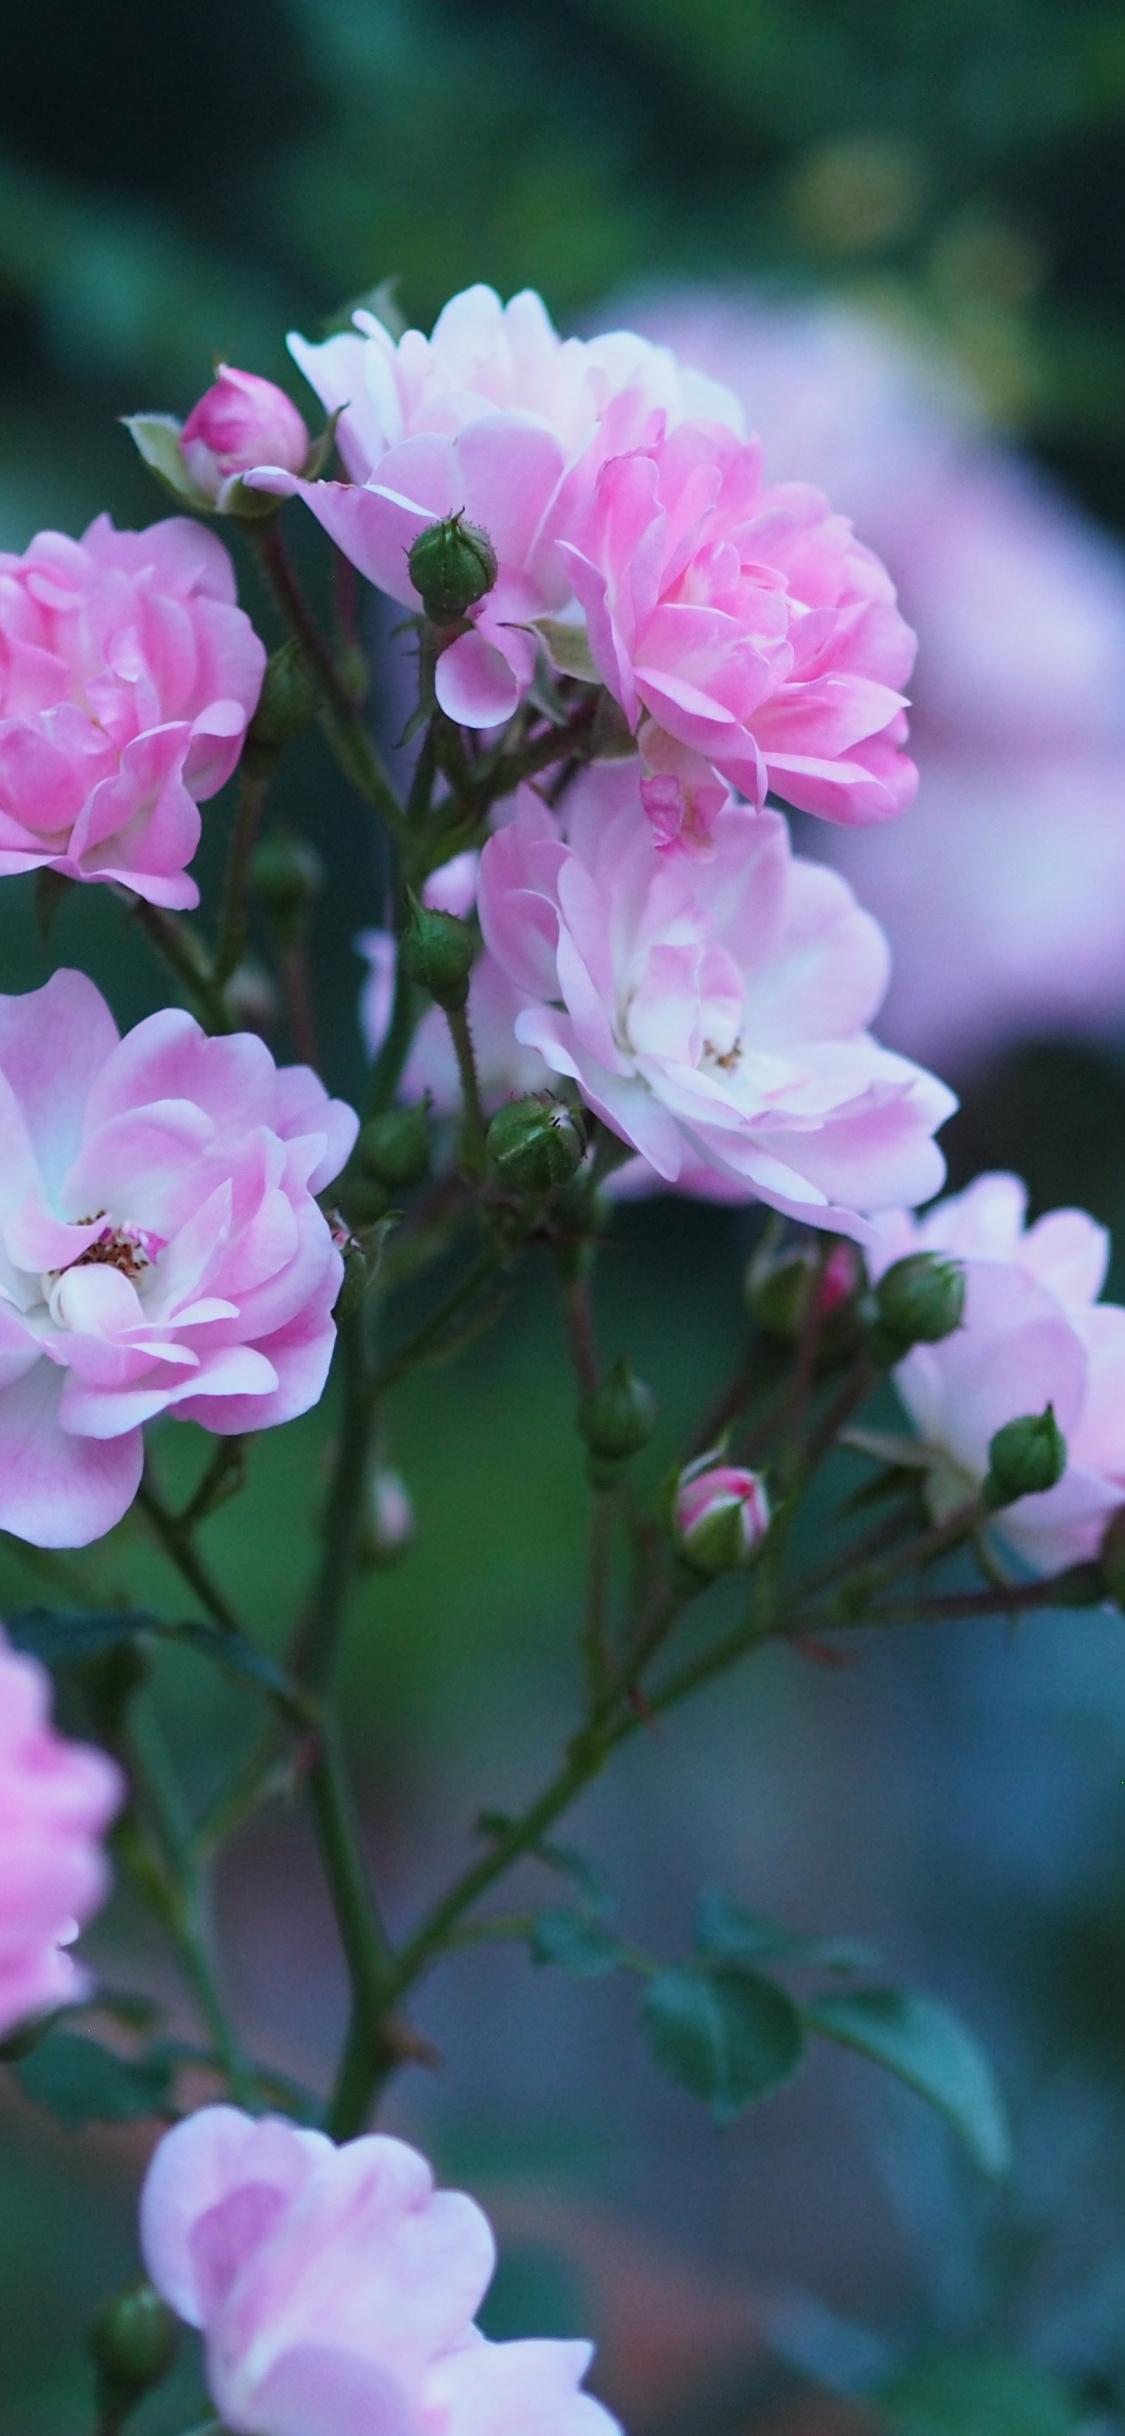 Roses, Flowers, Blossom, Pink Flower, Wallpaper - Iphone Wallpaper Rose Flower - HD Wallpaper